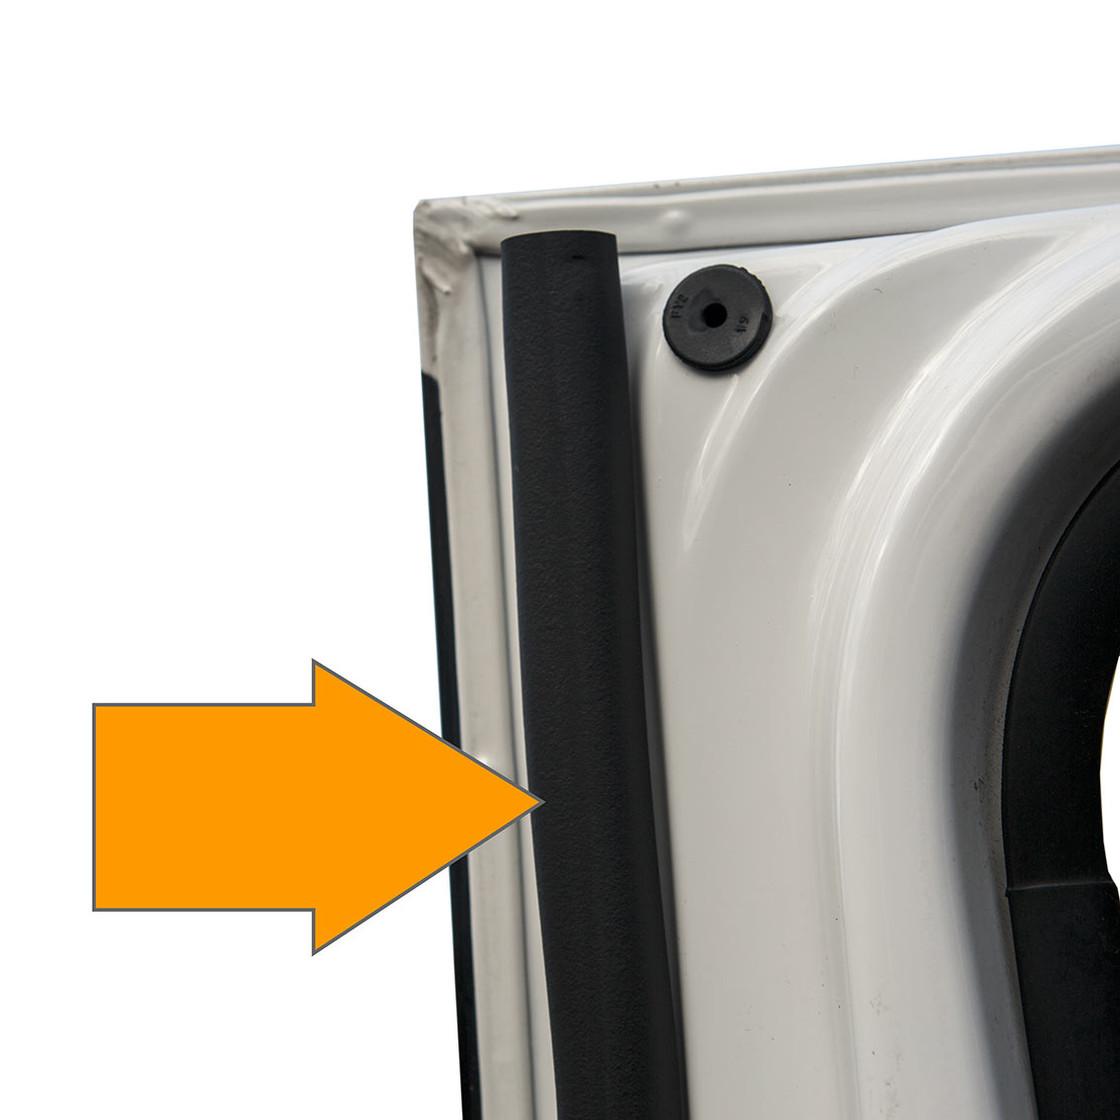 Favorit T5 T6 Tür Staubschutzdichtung / Zusatzdichtung zum kleben - BUS-ok EE95